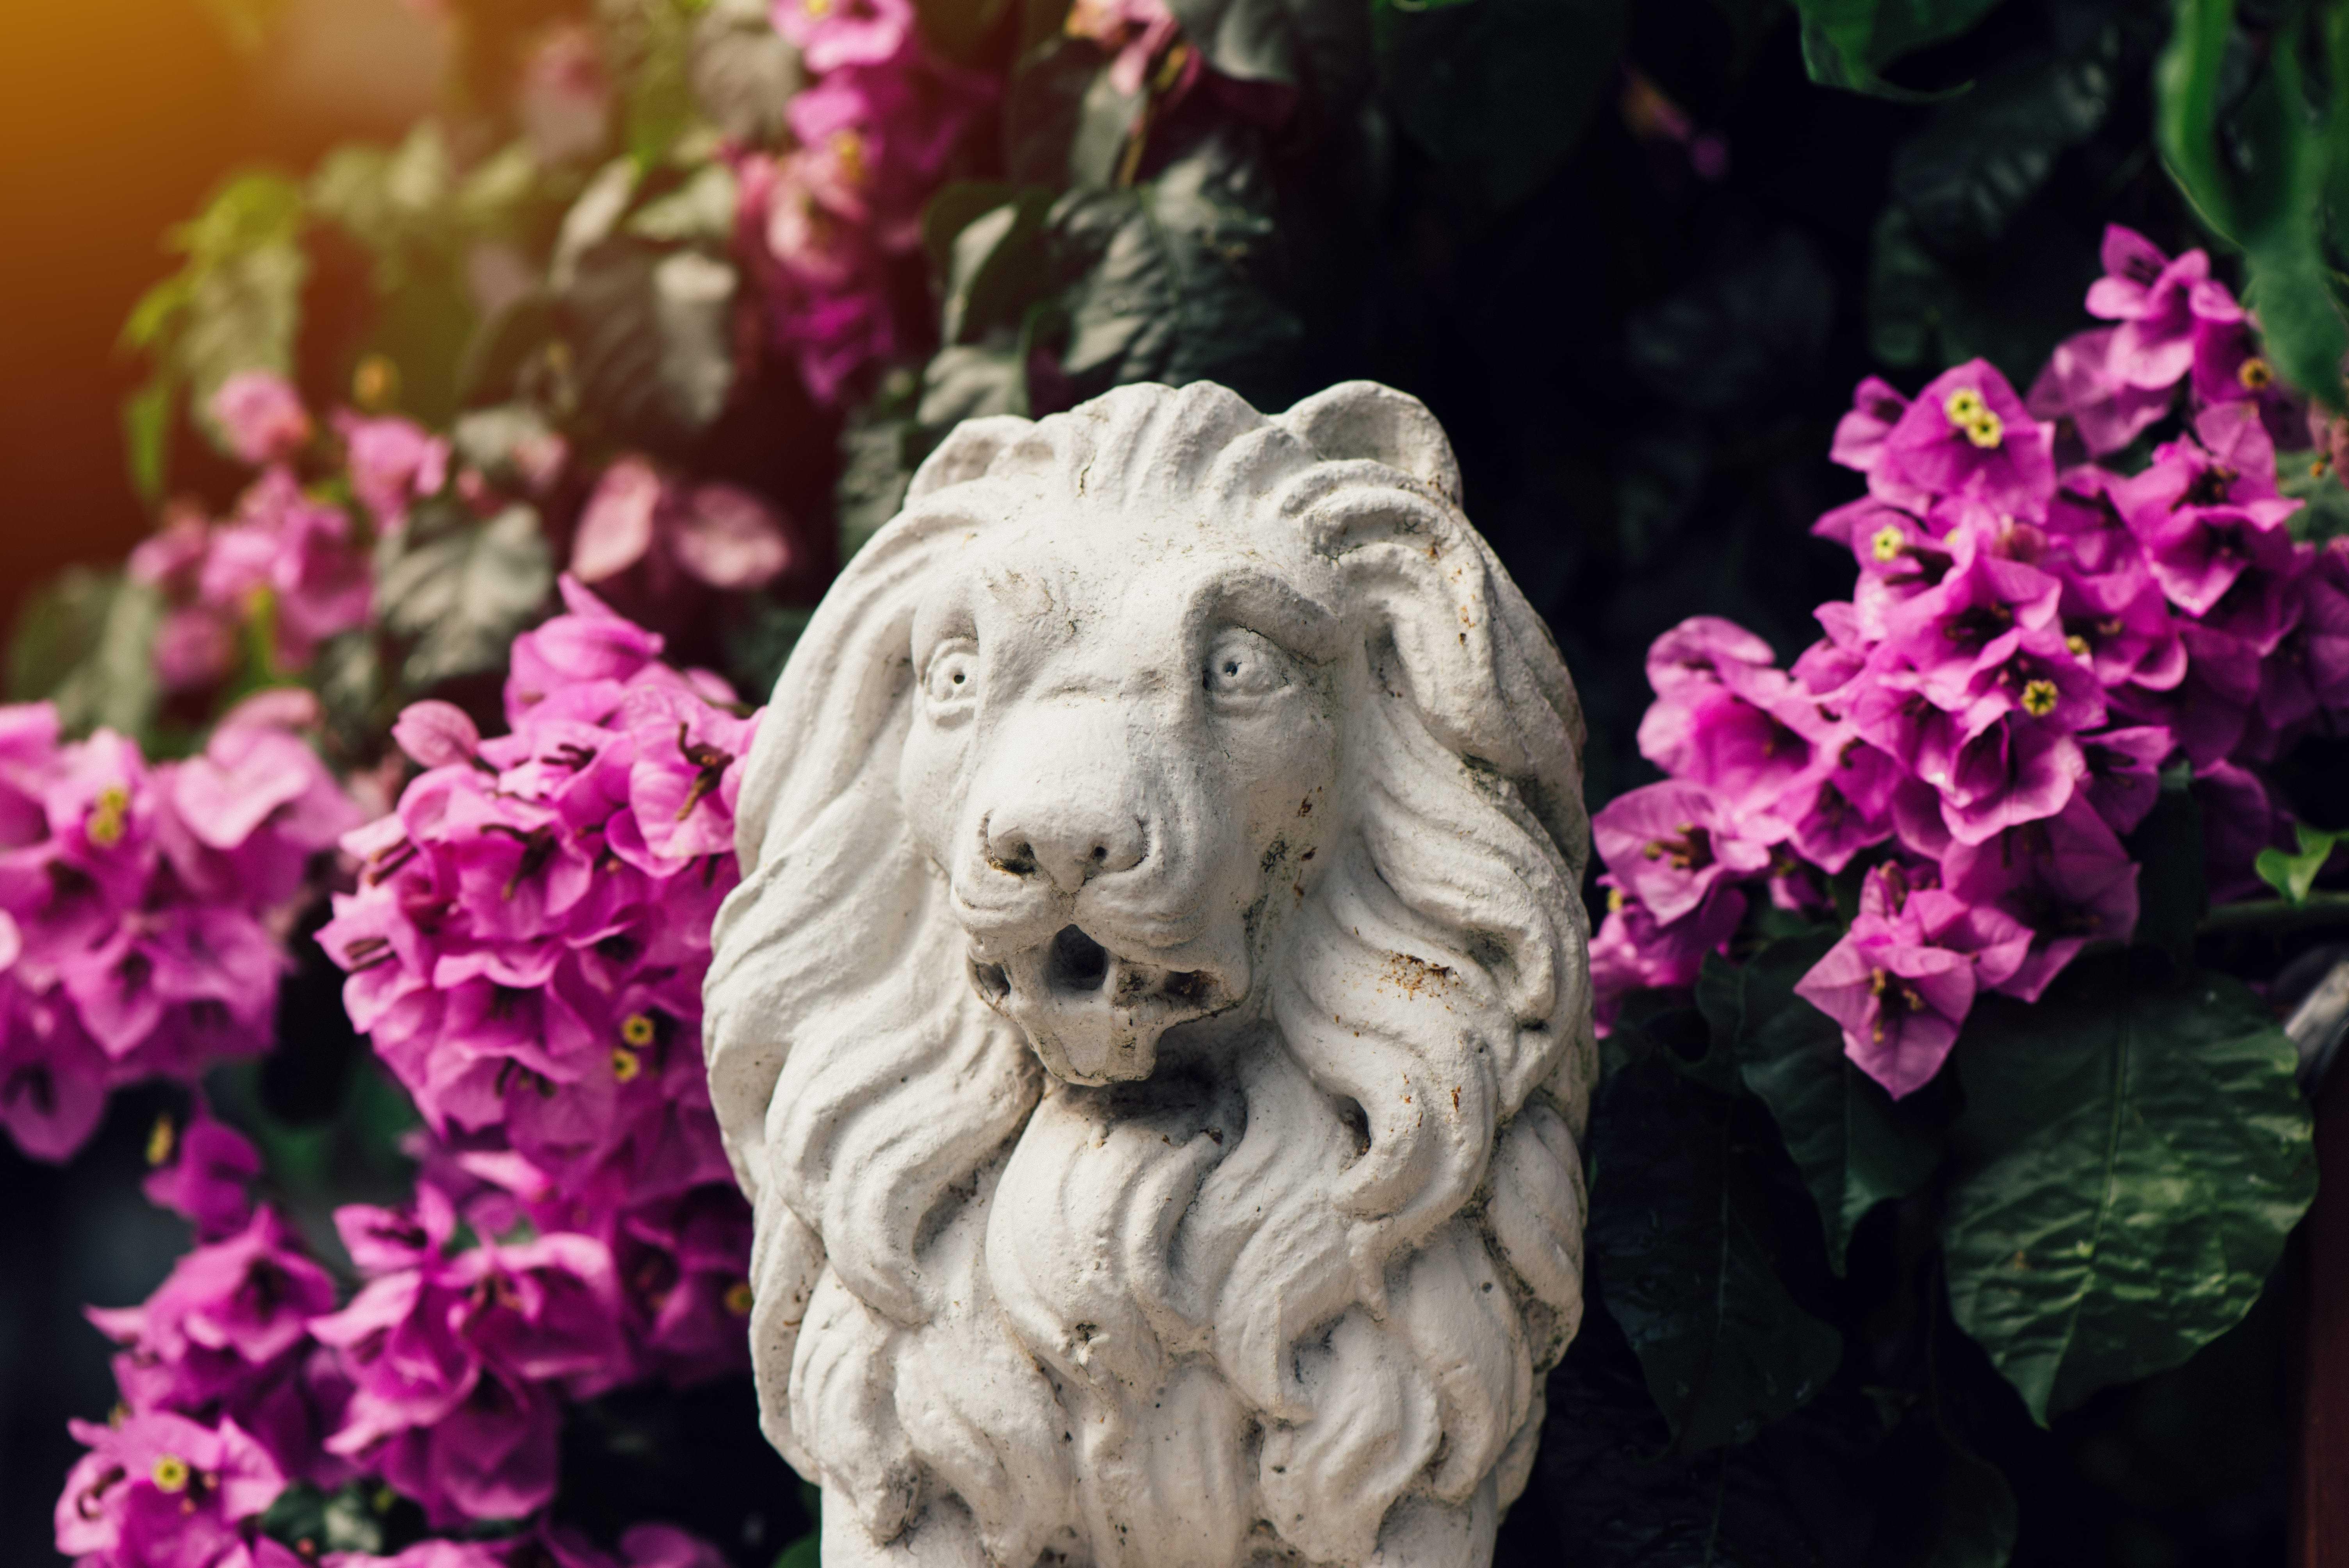 Antiquariato: le statue da giardino